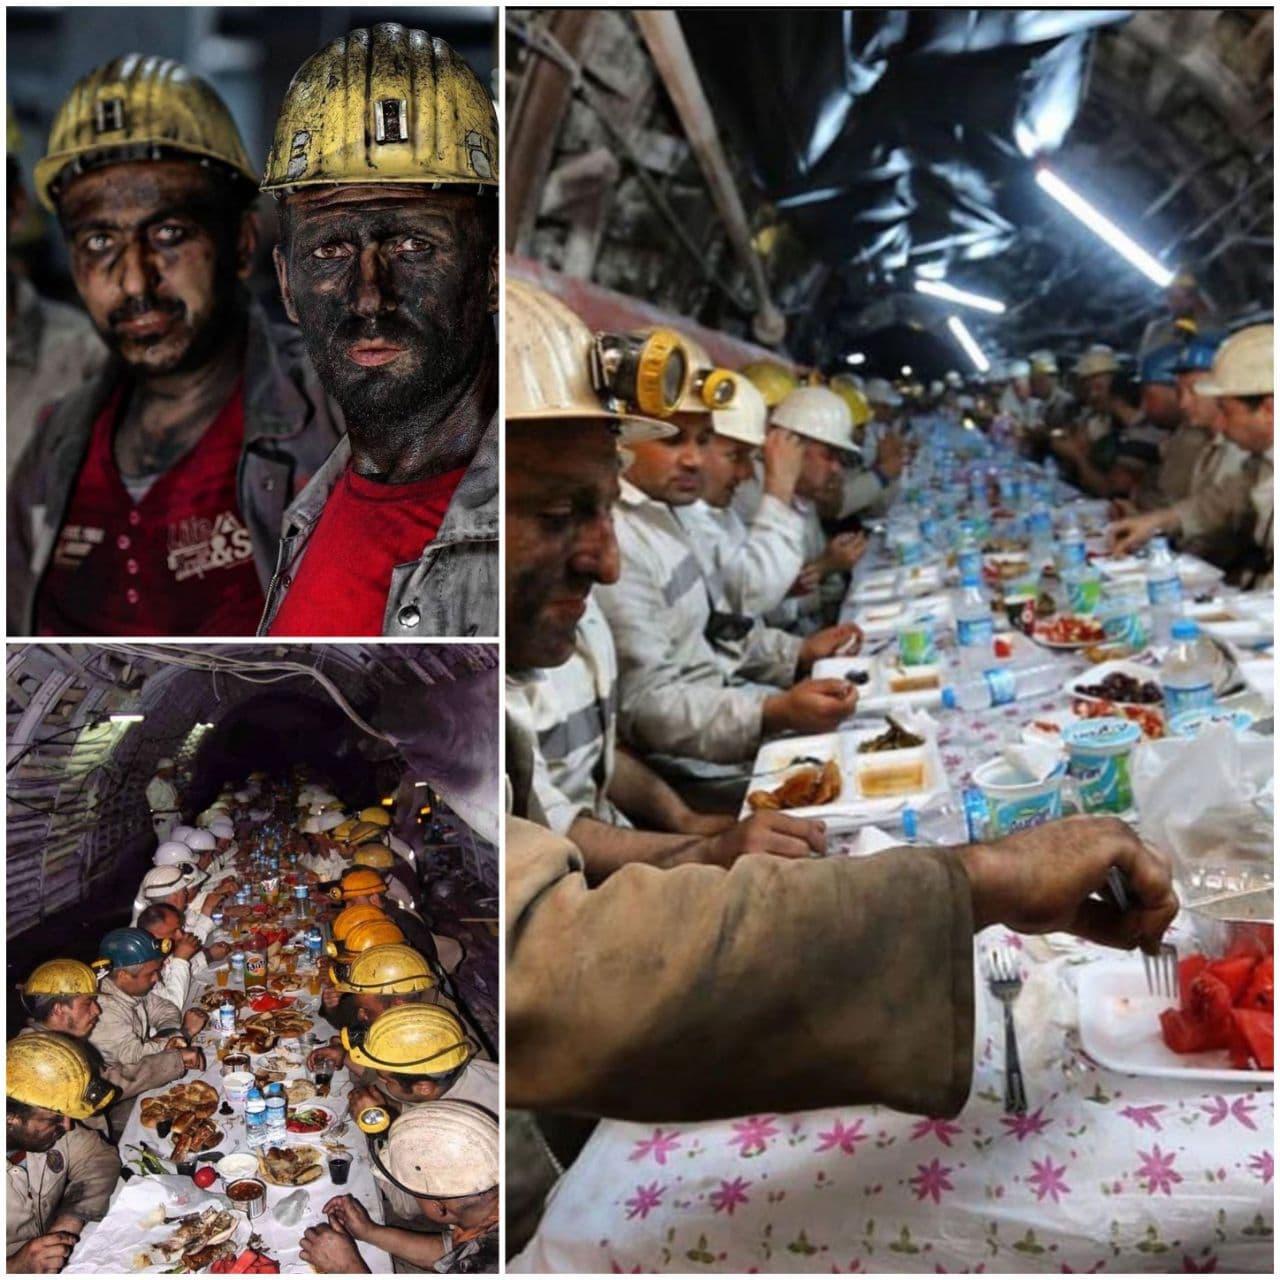 کارگران معدنی